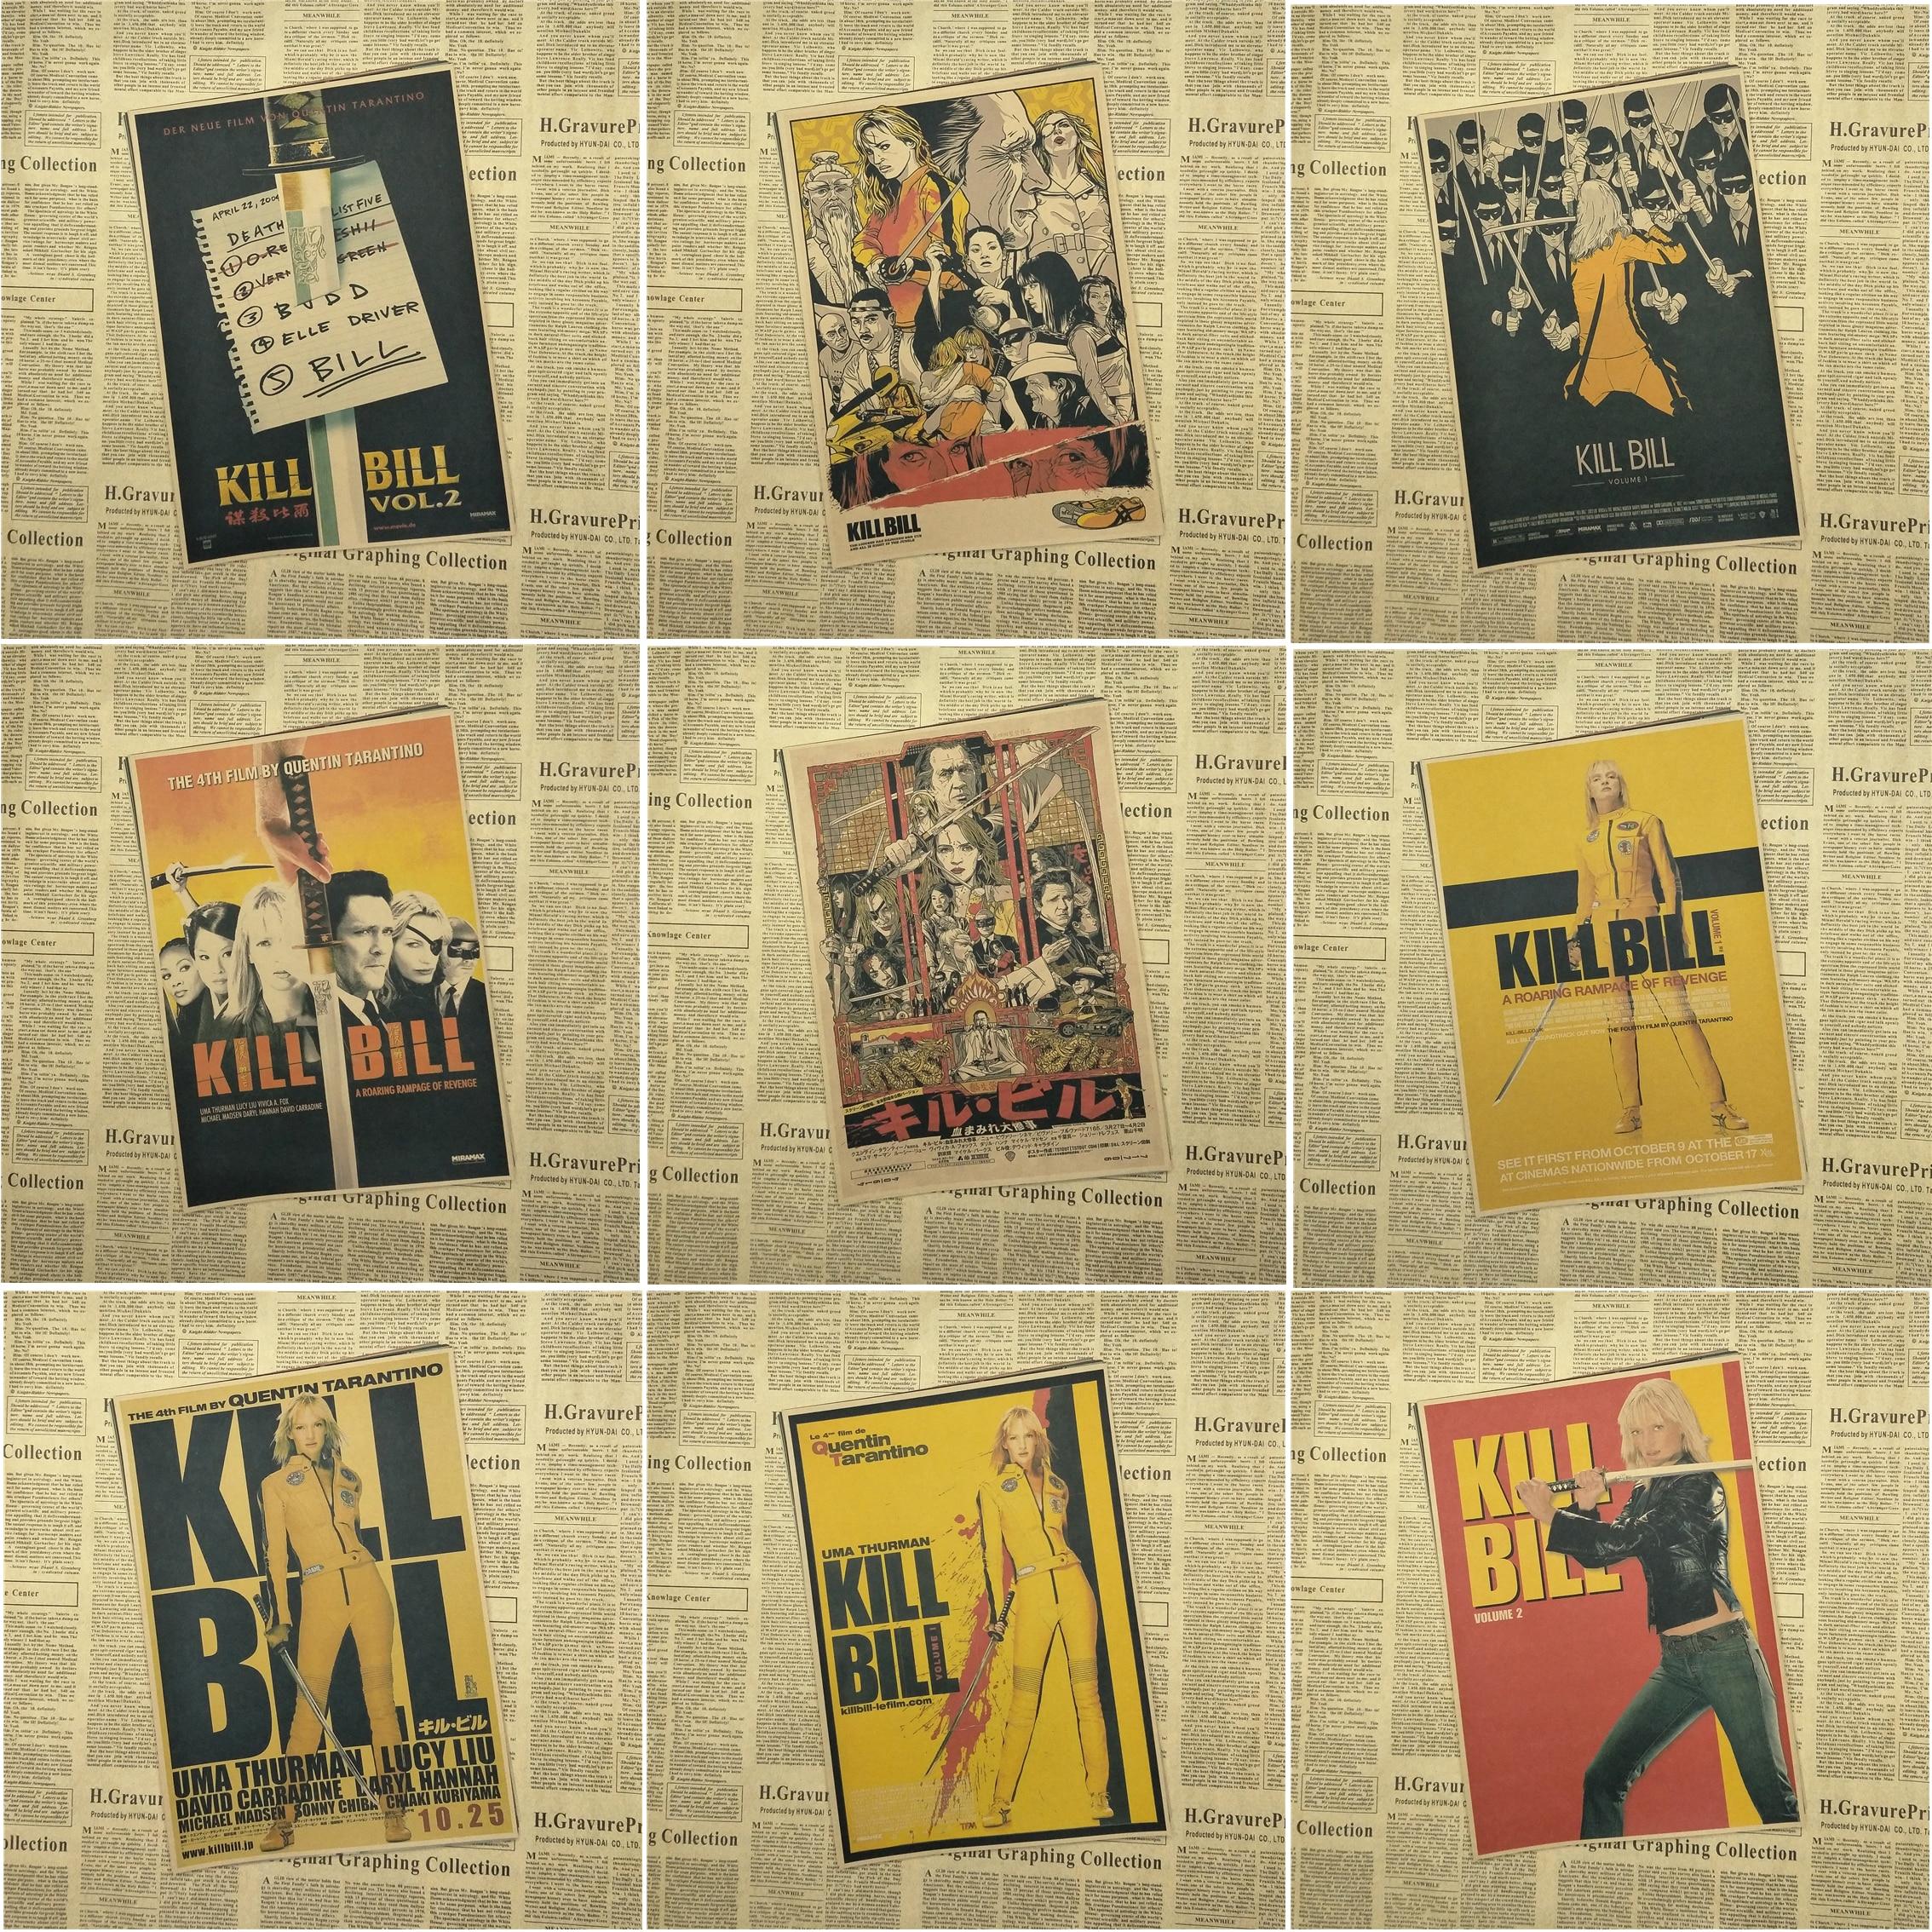 Kill Bill Vol.1 Quentin Tarantino Poster Videos Classic Movie Kraft Paper Poster Bar Cafe Living Room Dining room